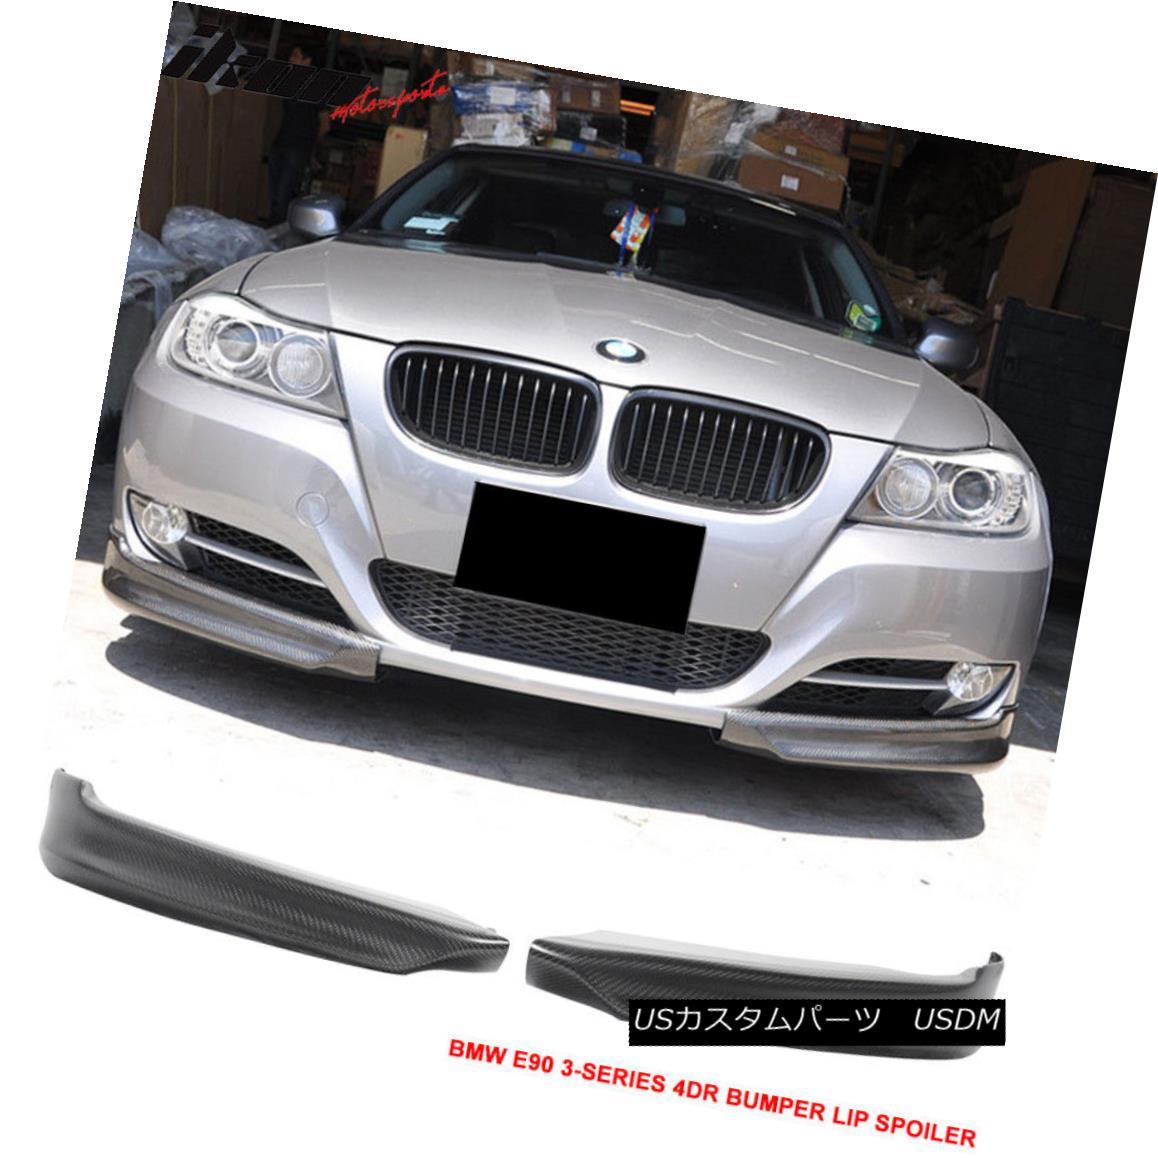 エアロパーツ Fits 05-08 BMW E90 3 Series 4Dr Sedan Bumper Lip Carbon Fiber フィット05-08 BMW E90 3シリーズ4Drセダンバンパーリップカーボンファイバー